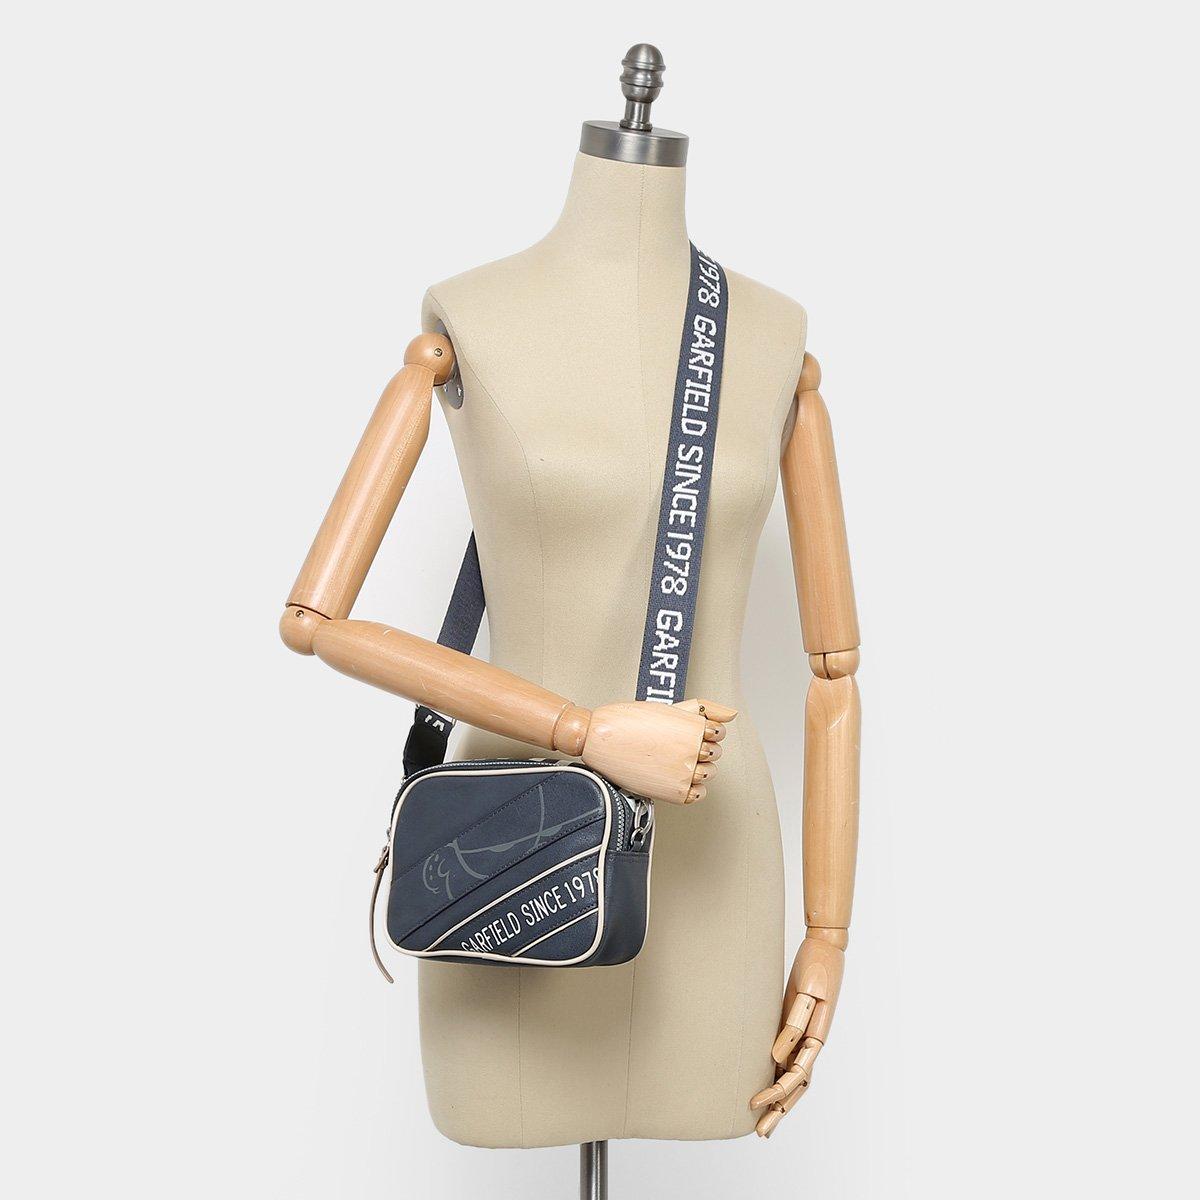 Foto 2 - Bolsa Semax Mini Bag Transversal Garfield Feminina